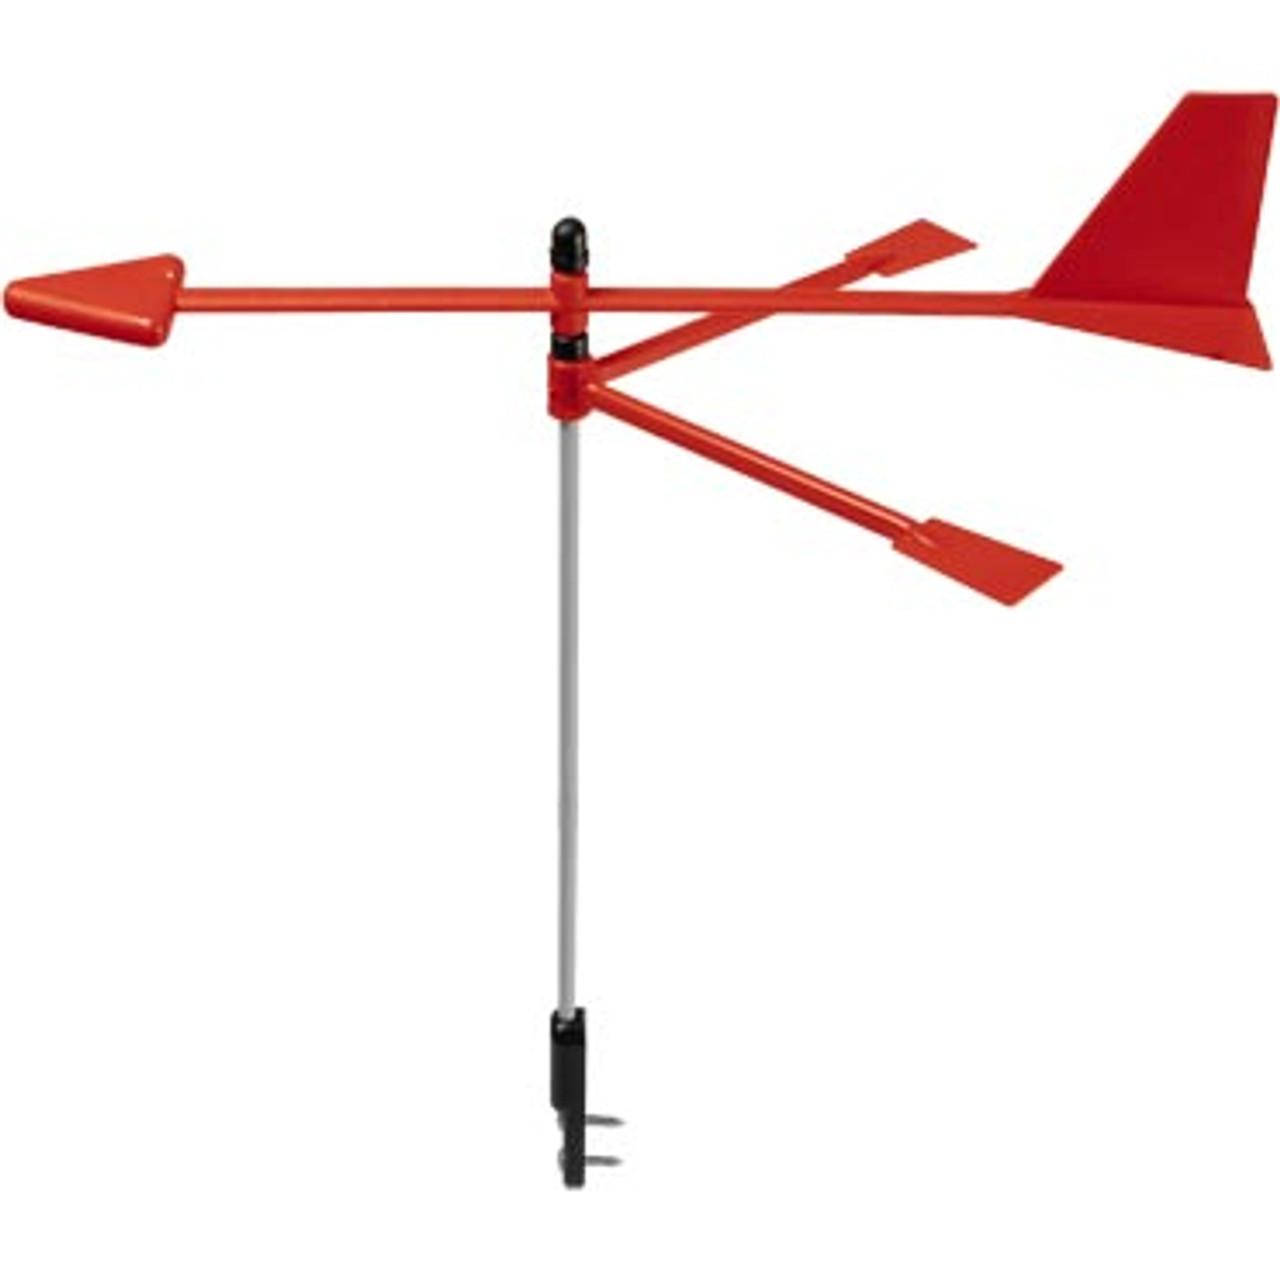 Ronstan Wind Vane, Arrow Style (PNP301)